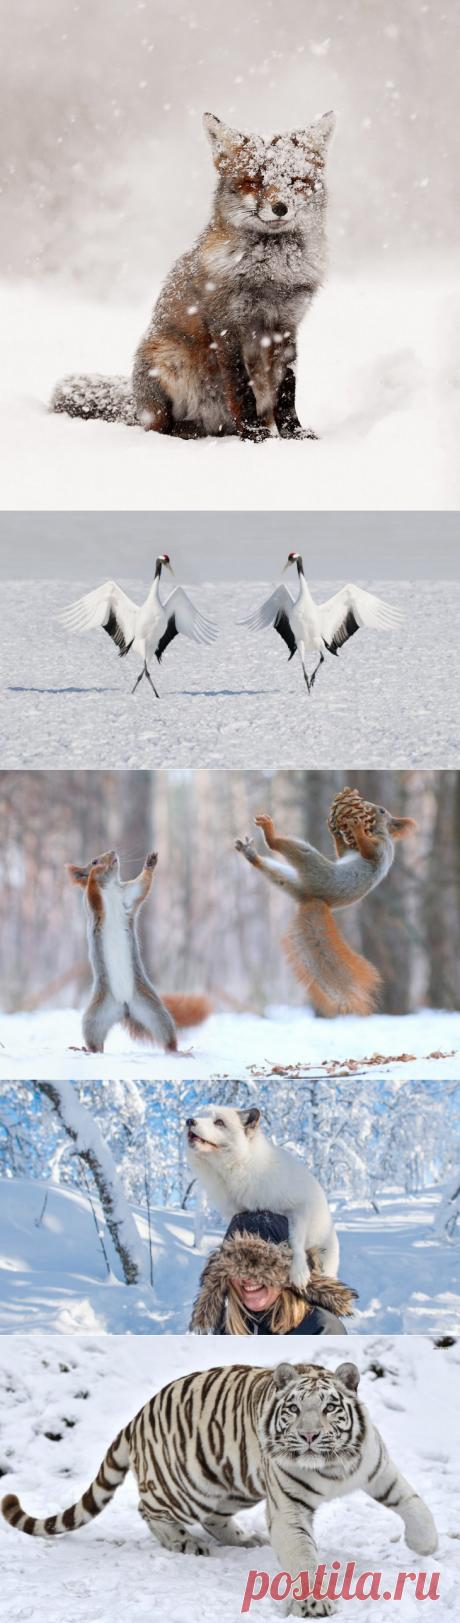 Заряд отличного настроения;)) Самые «снежные» животные;)) — Фотоискусство